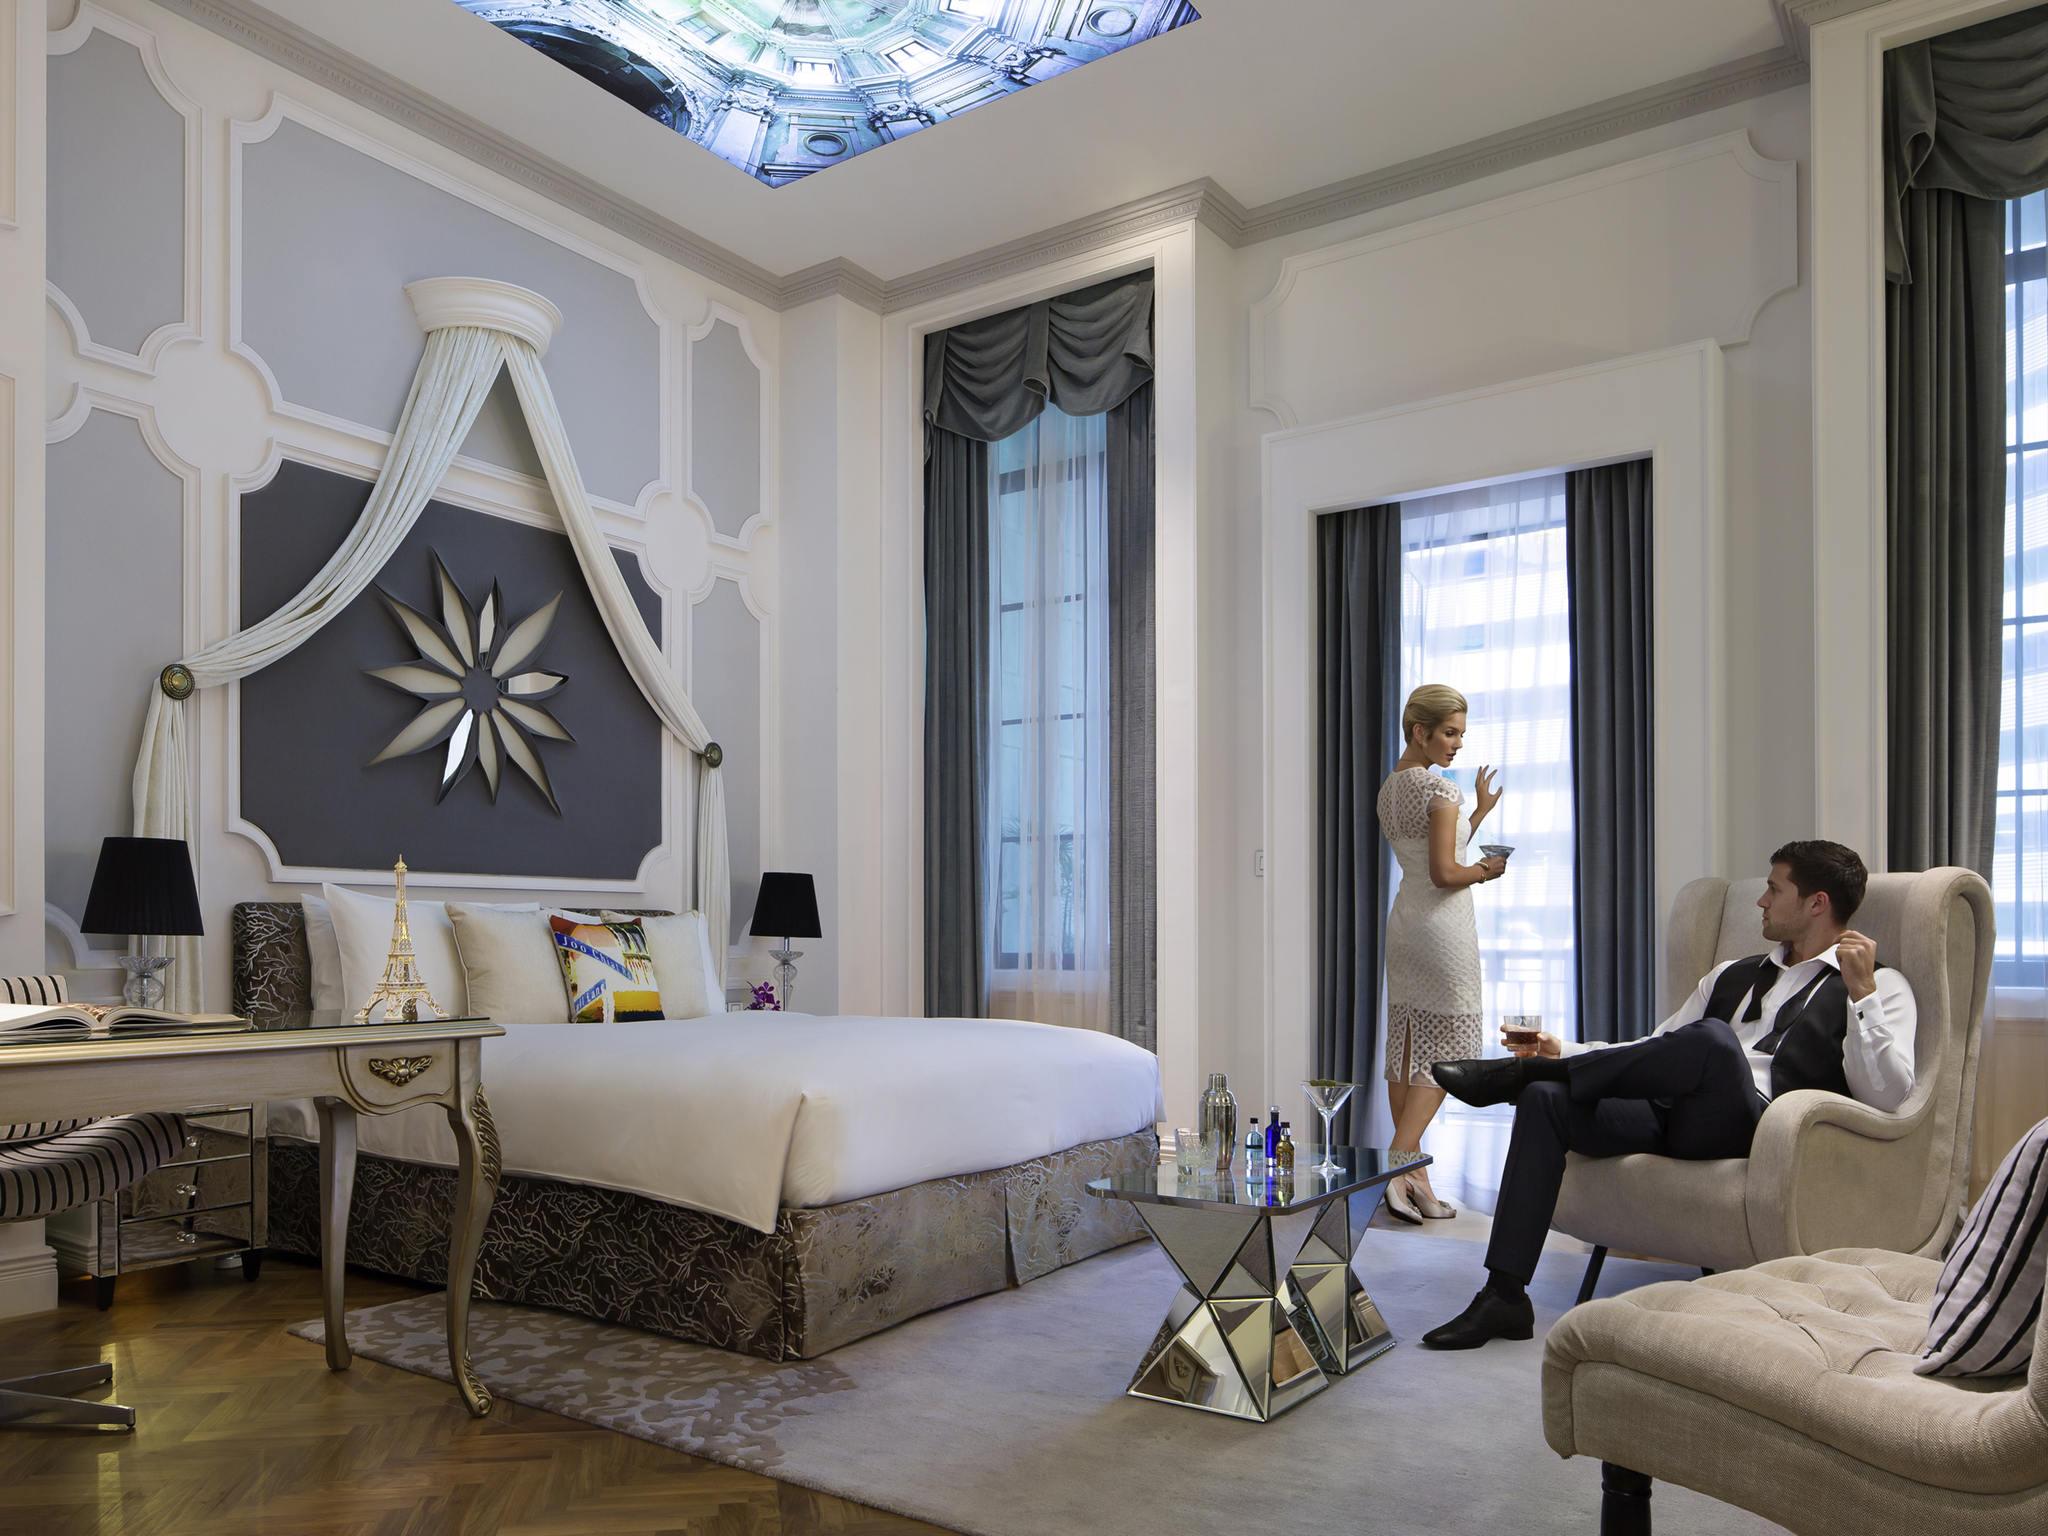 โรงแรม – โซ โซฟิเทล สิงคโปร์